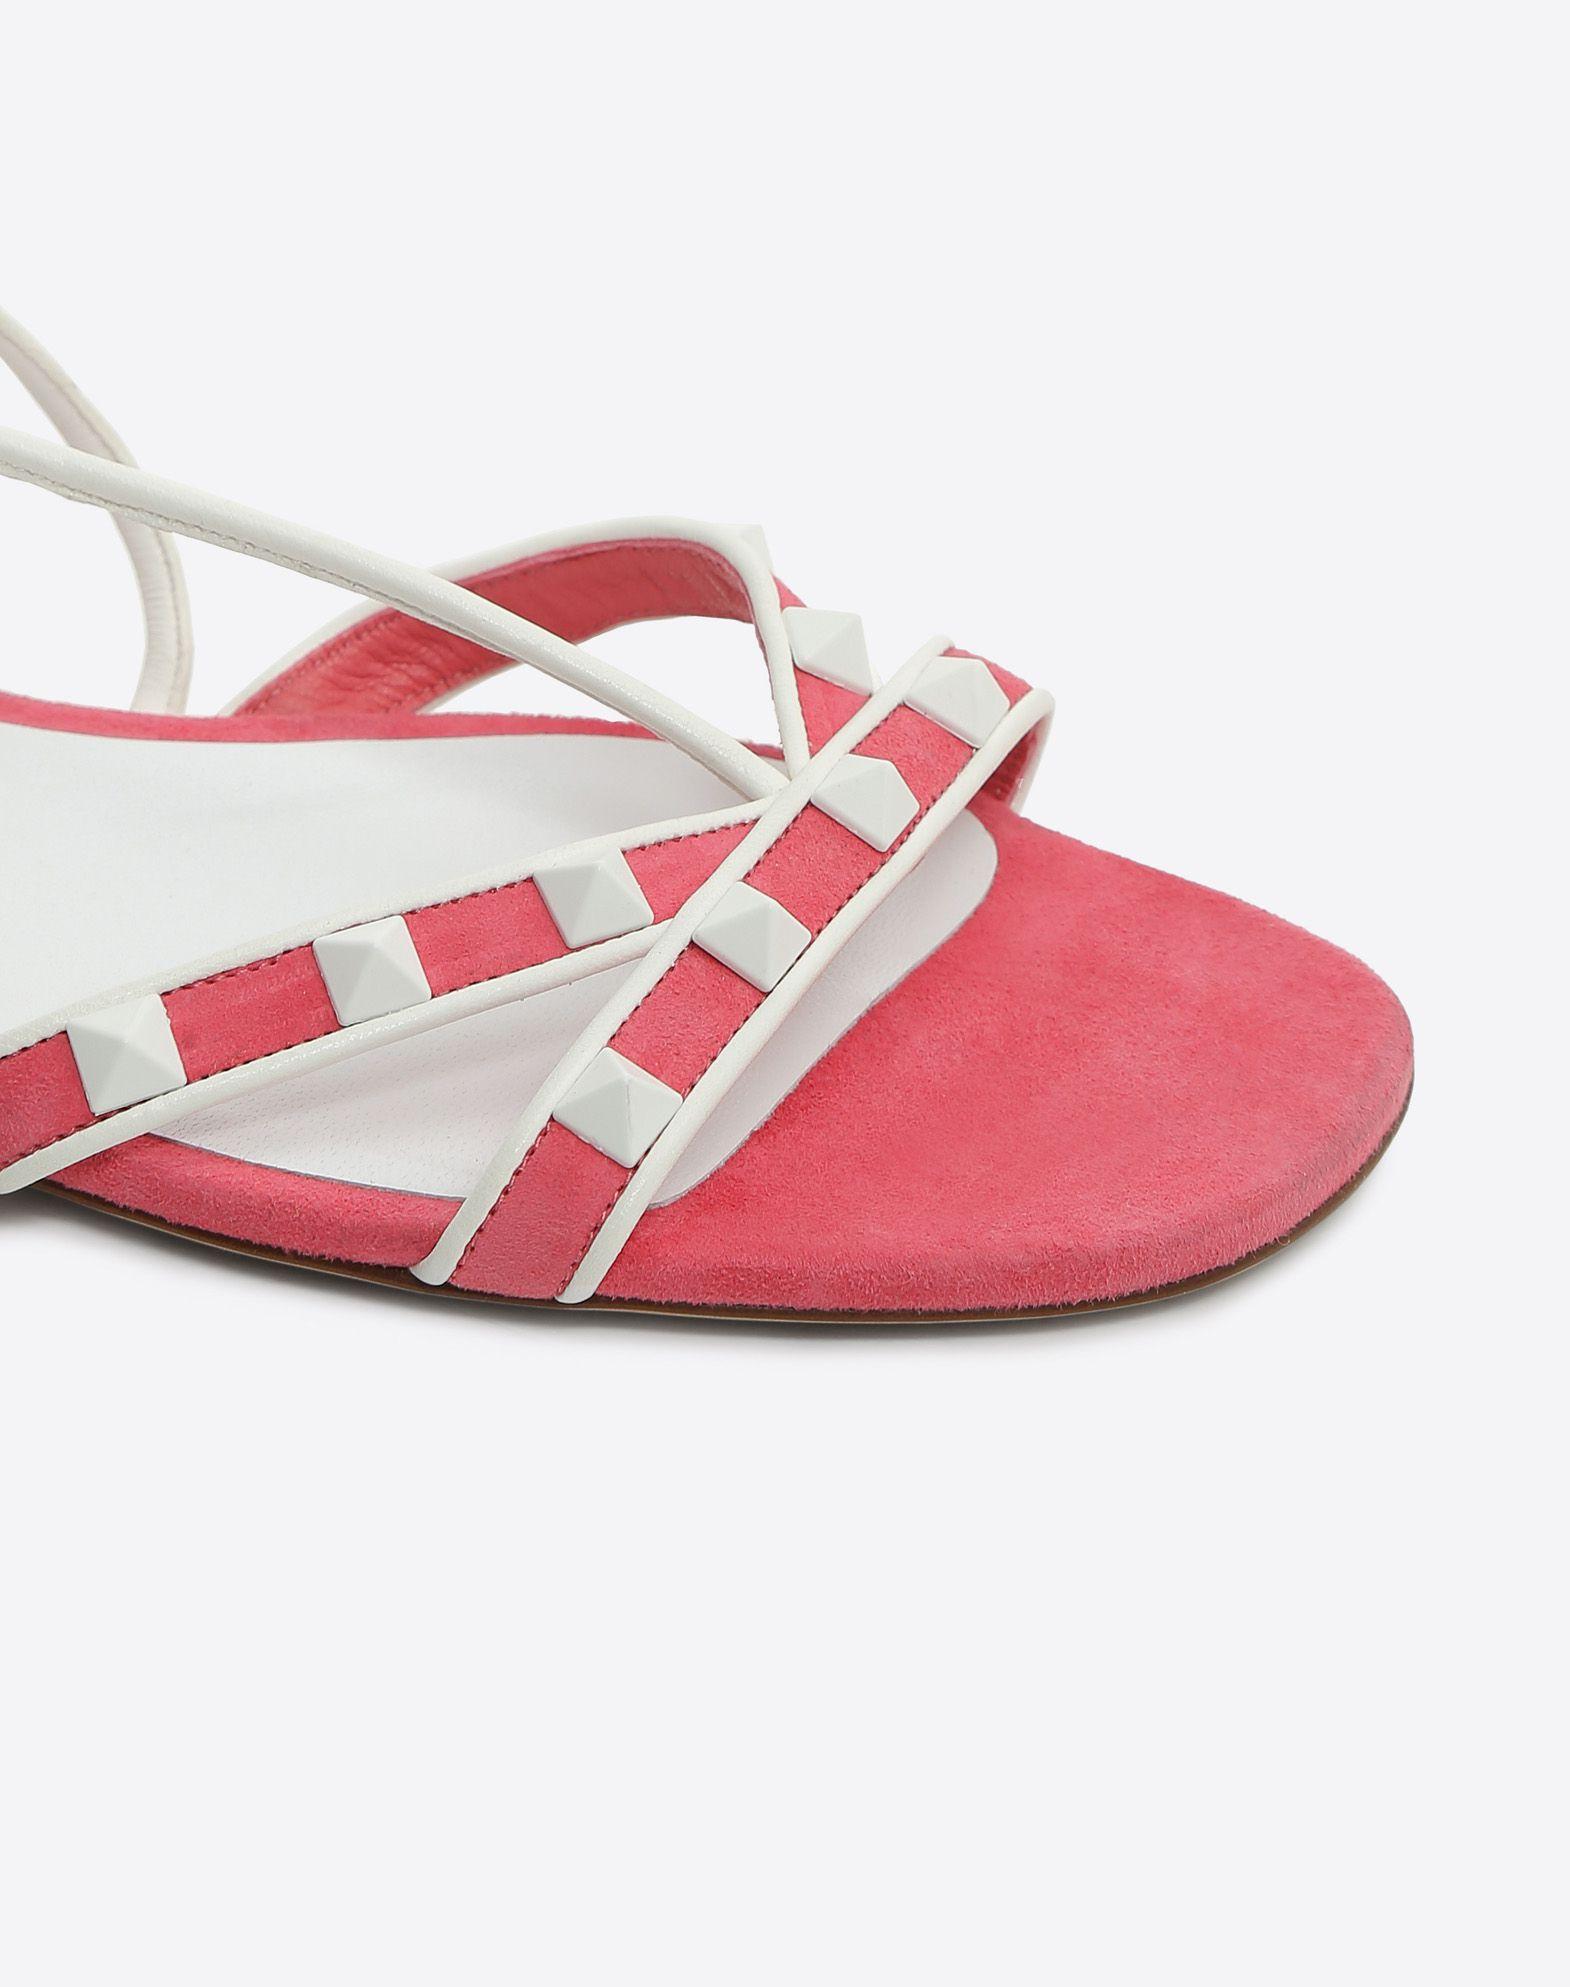 Valentino Free Rockstud flat sandals XY5PqH7t6